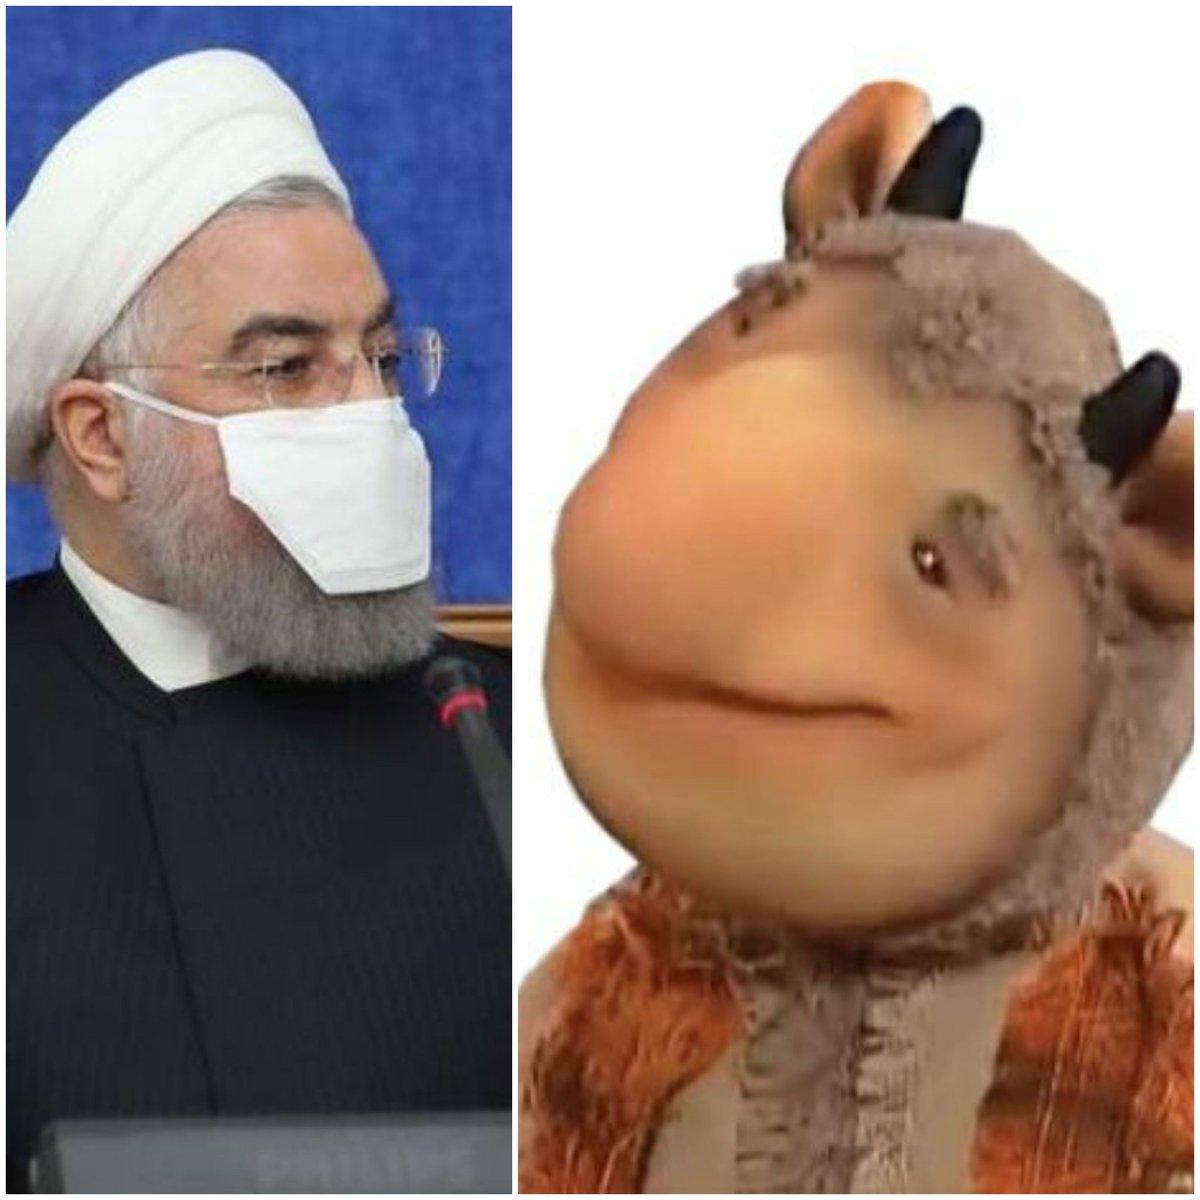 """من نمیدونم چرا وقتی آقای #حسن_روحانی حرف میزنه یاد """"دیوی"""" تو #کلاه_قرمزی میافتم که حرفاش برعکس بود. مثلا میخواست بگه برو ، می گفت نرو... میخواست بگه دوست دارم ، میگفت متنفرم ازت... میخواد بگه ما بلد نیستیم و از آمریکا شکست خوردیم، میگه ما بلدیم و شکست دادیم #مصوبه_هسته_ای_مجلس"""